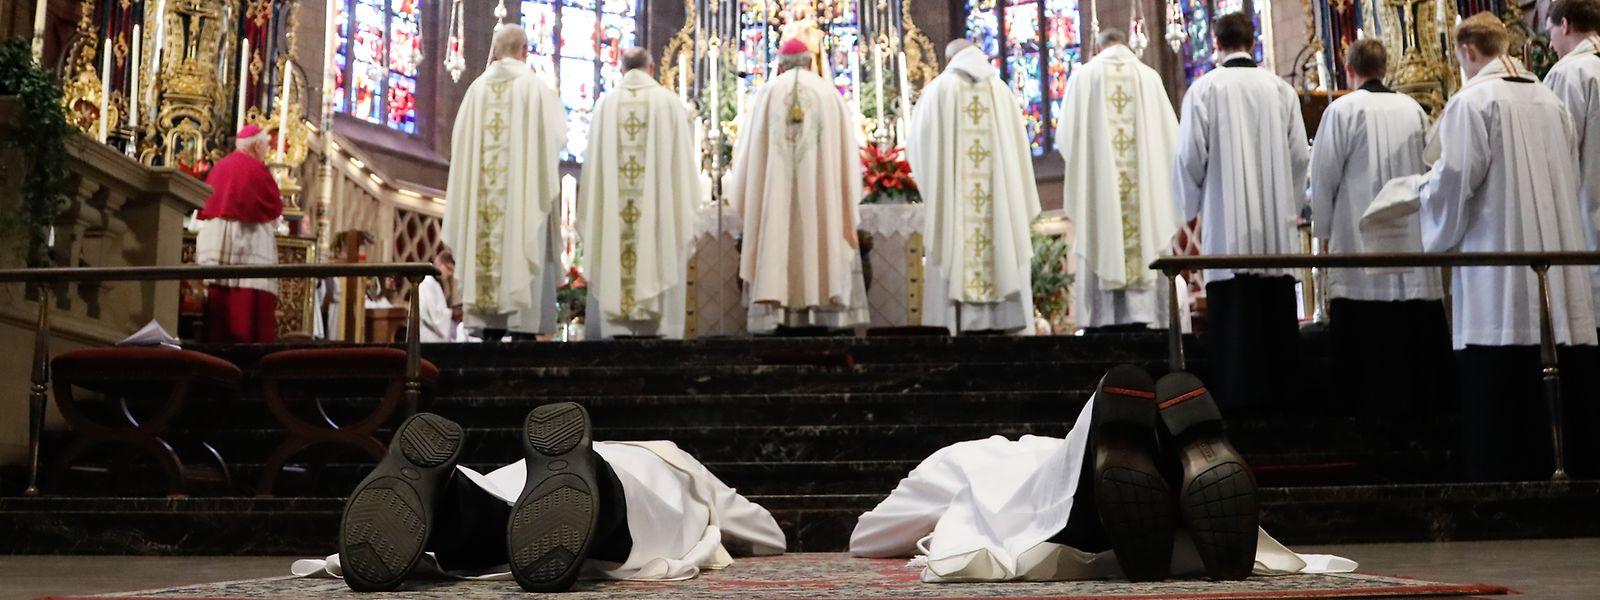 Während die versammelte Kirchengemeinschaft Maria und die Kirchenheiligen anrufen, liegen Vincent De Smet und Yves Olinger auf dem Boden vor dem Votivaltar.